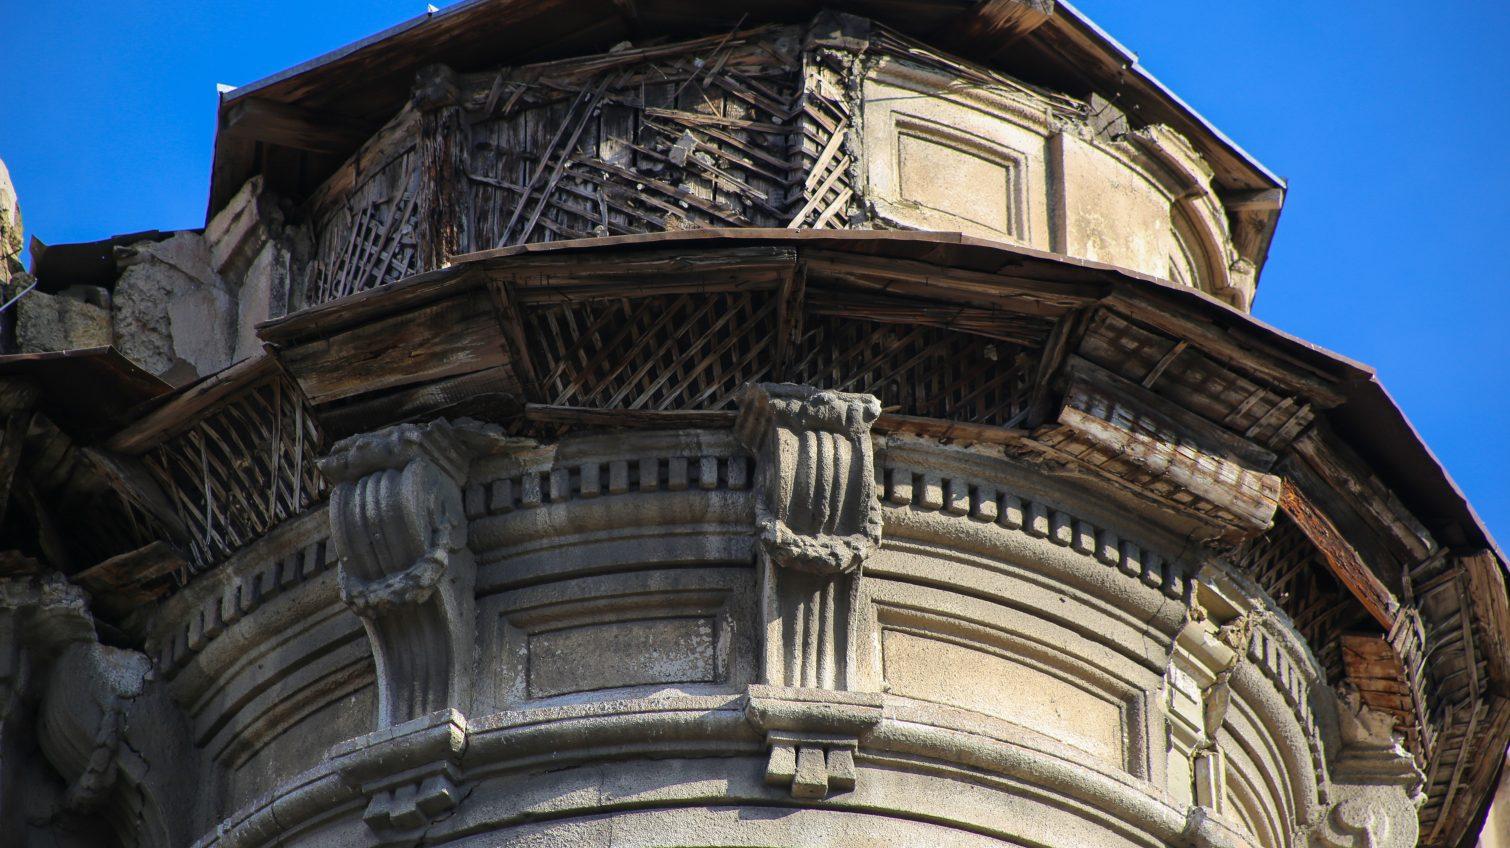 В центре города на глазах одесситов разрушается памятник архитектуры XIX века (фото) «фото»